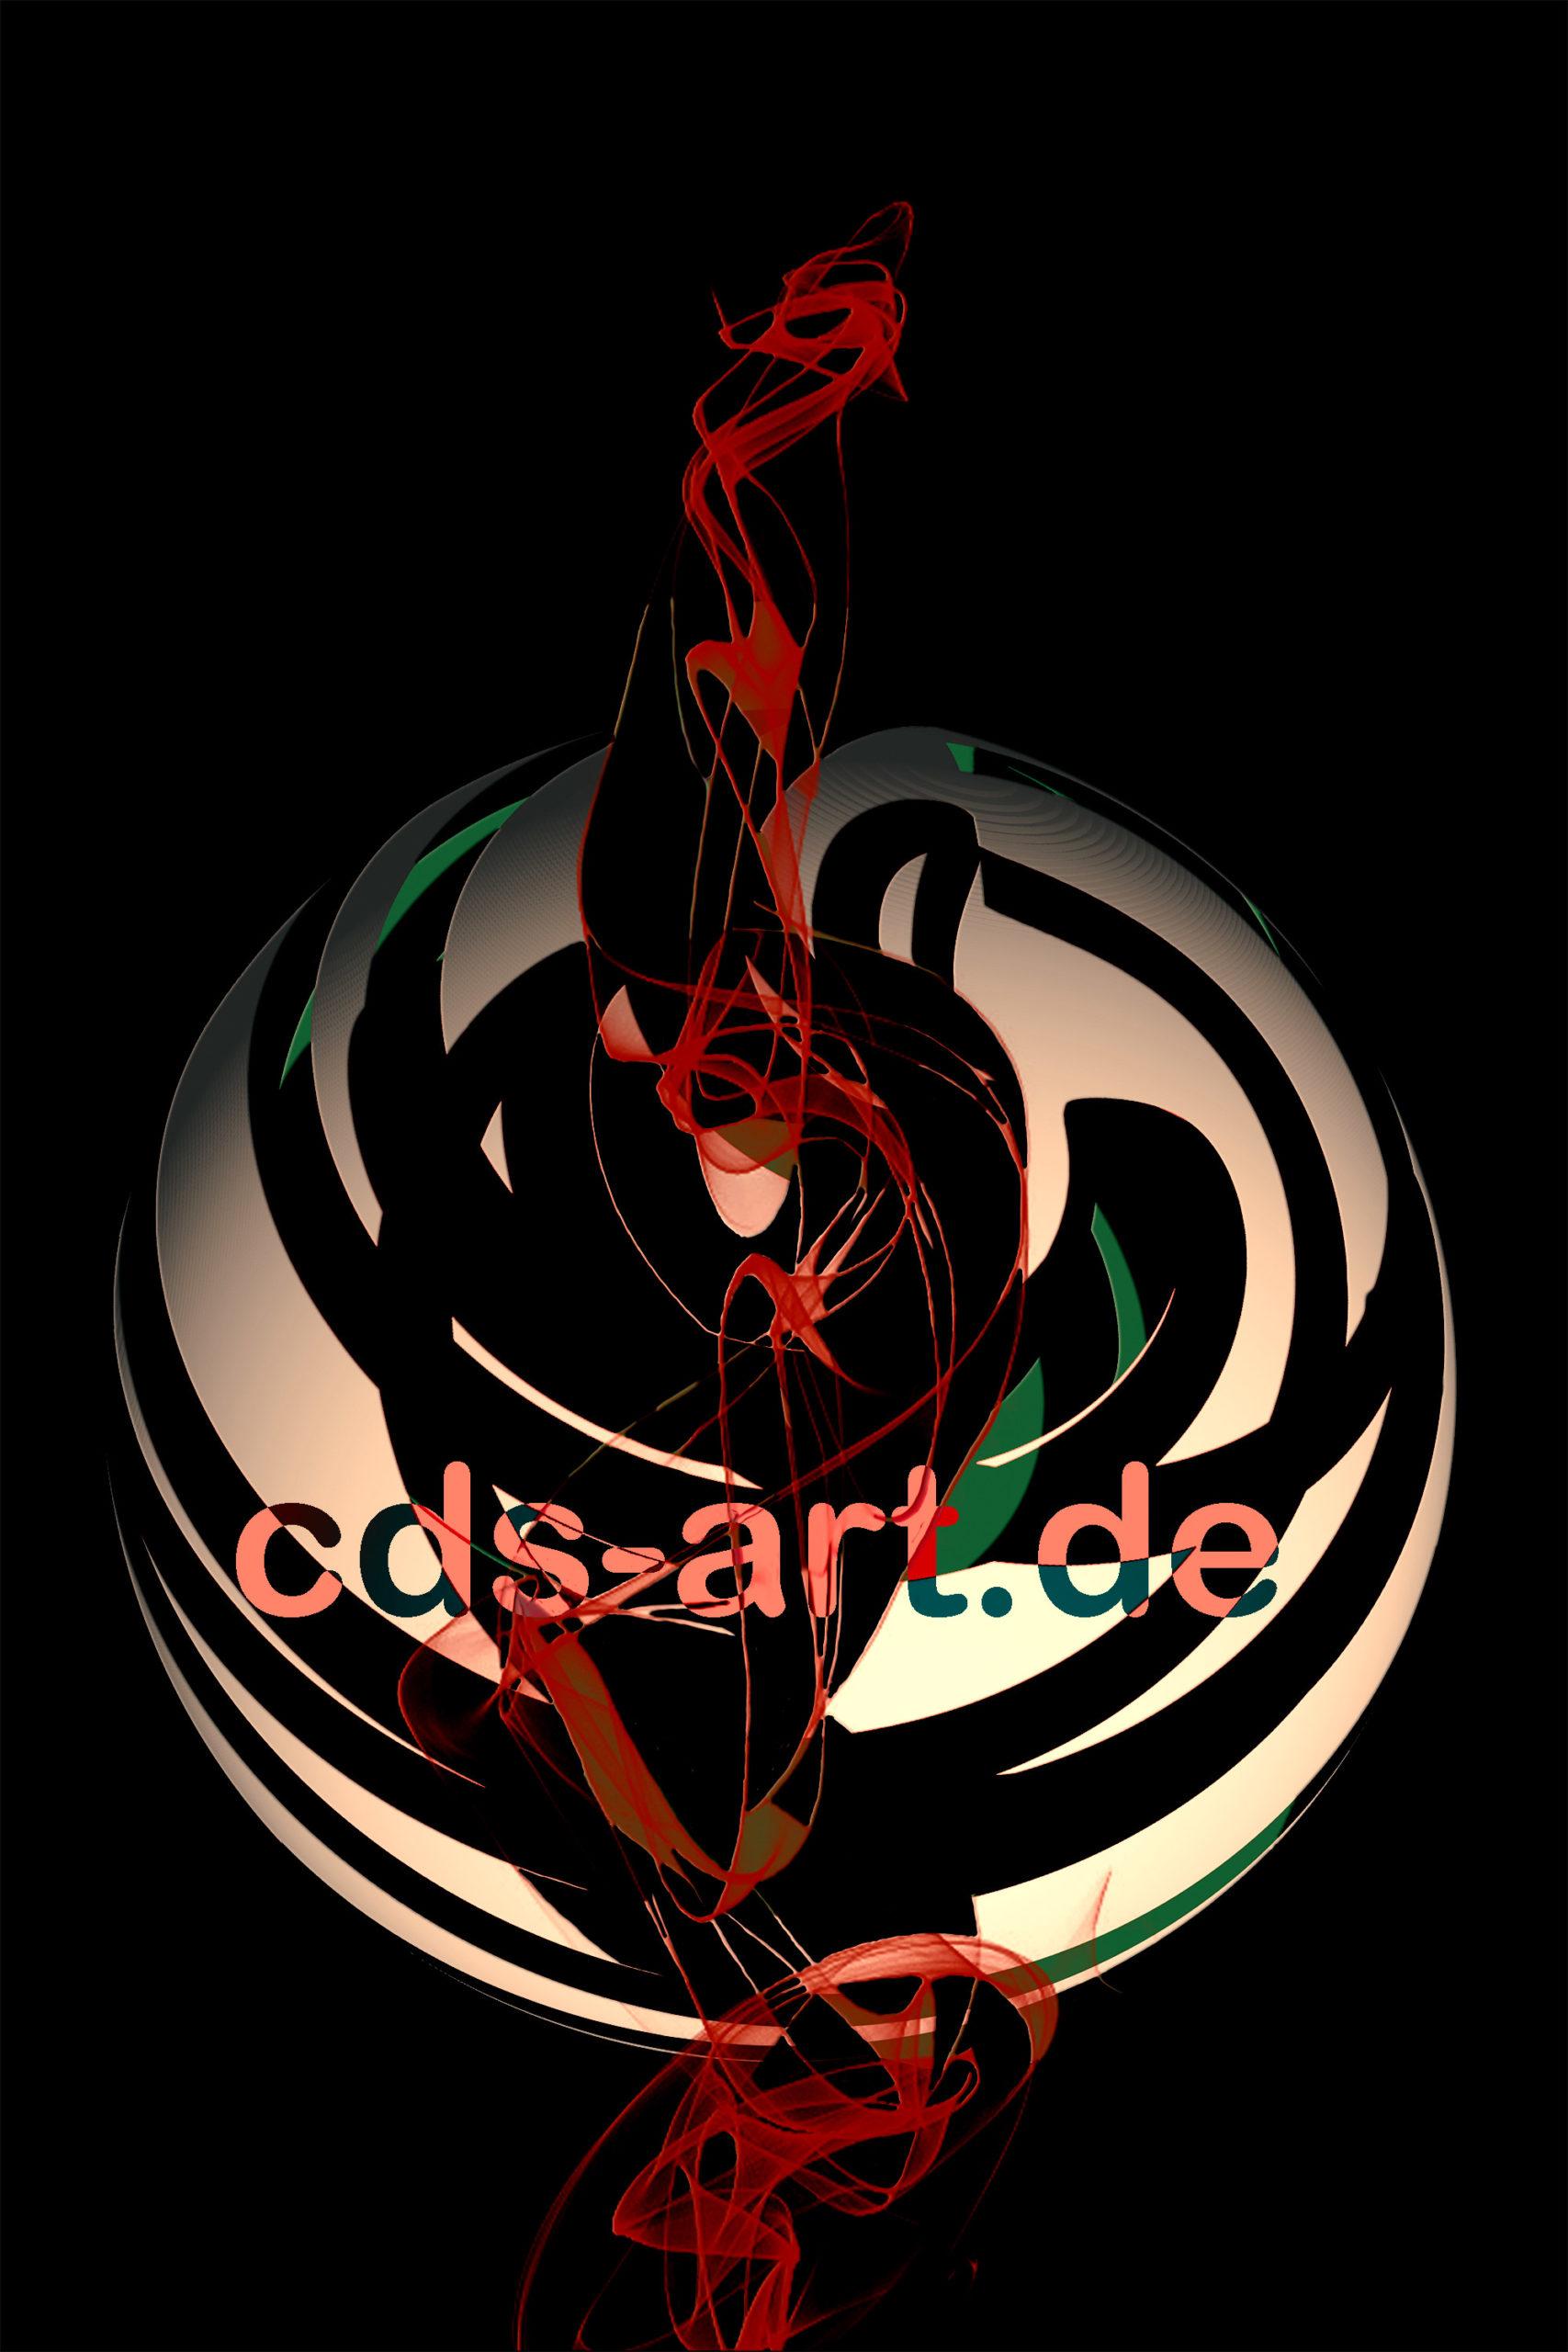 smokeball6 2